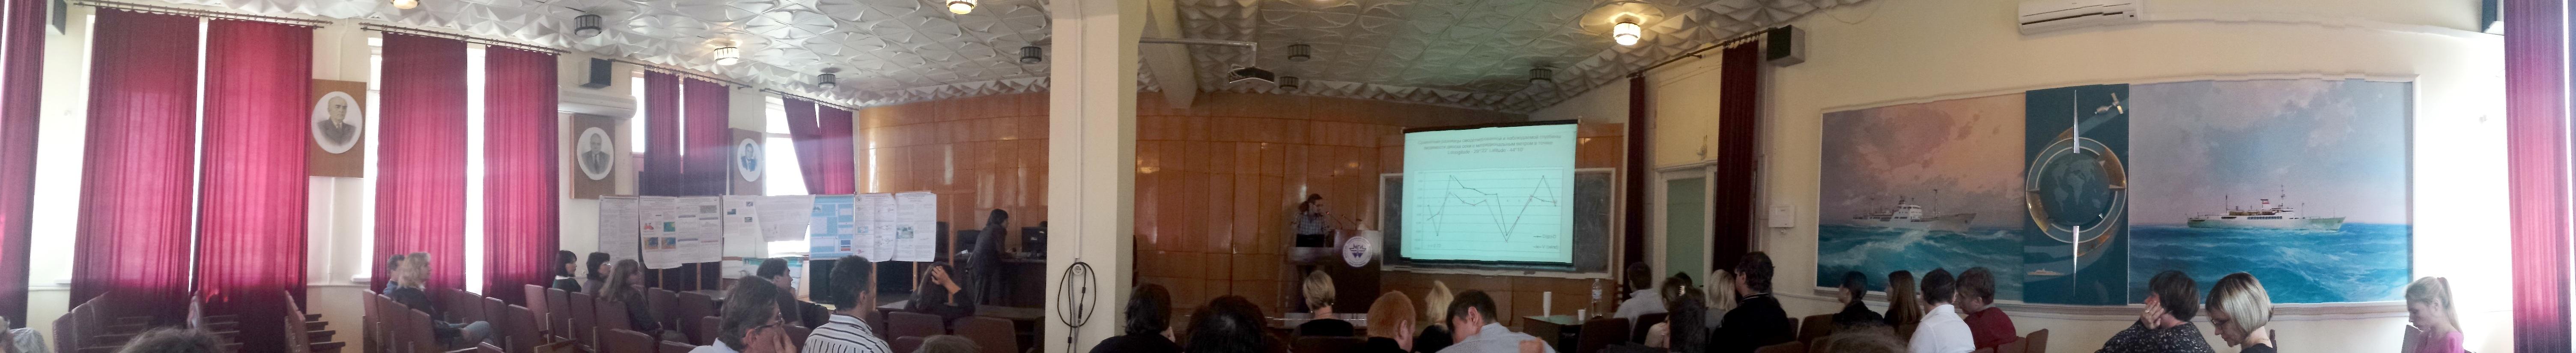 Выступление молодых ученых в зале Гидрофизического Института (МГИ)